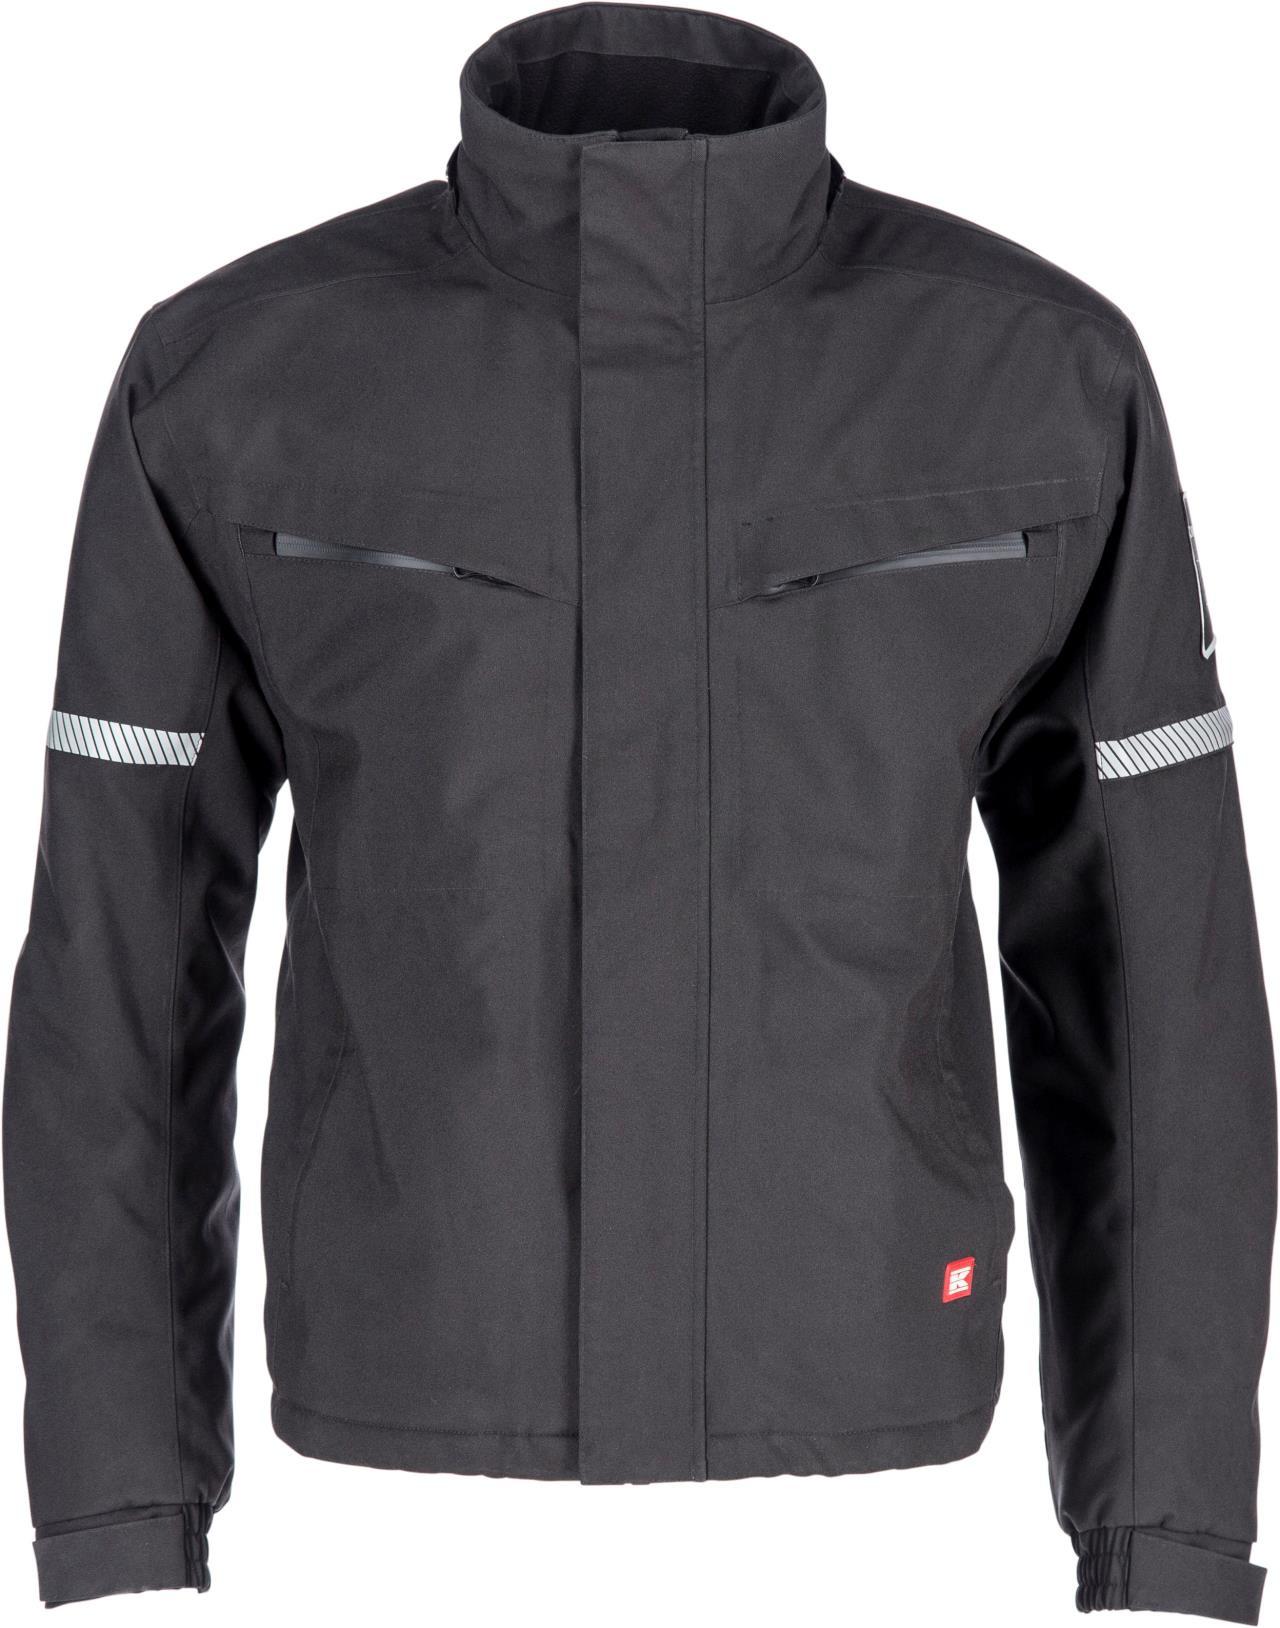 Kramp sort jakke med hætte Original L